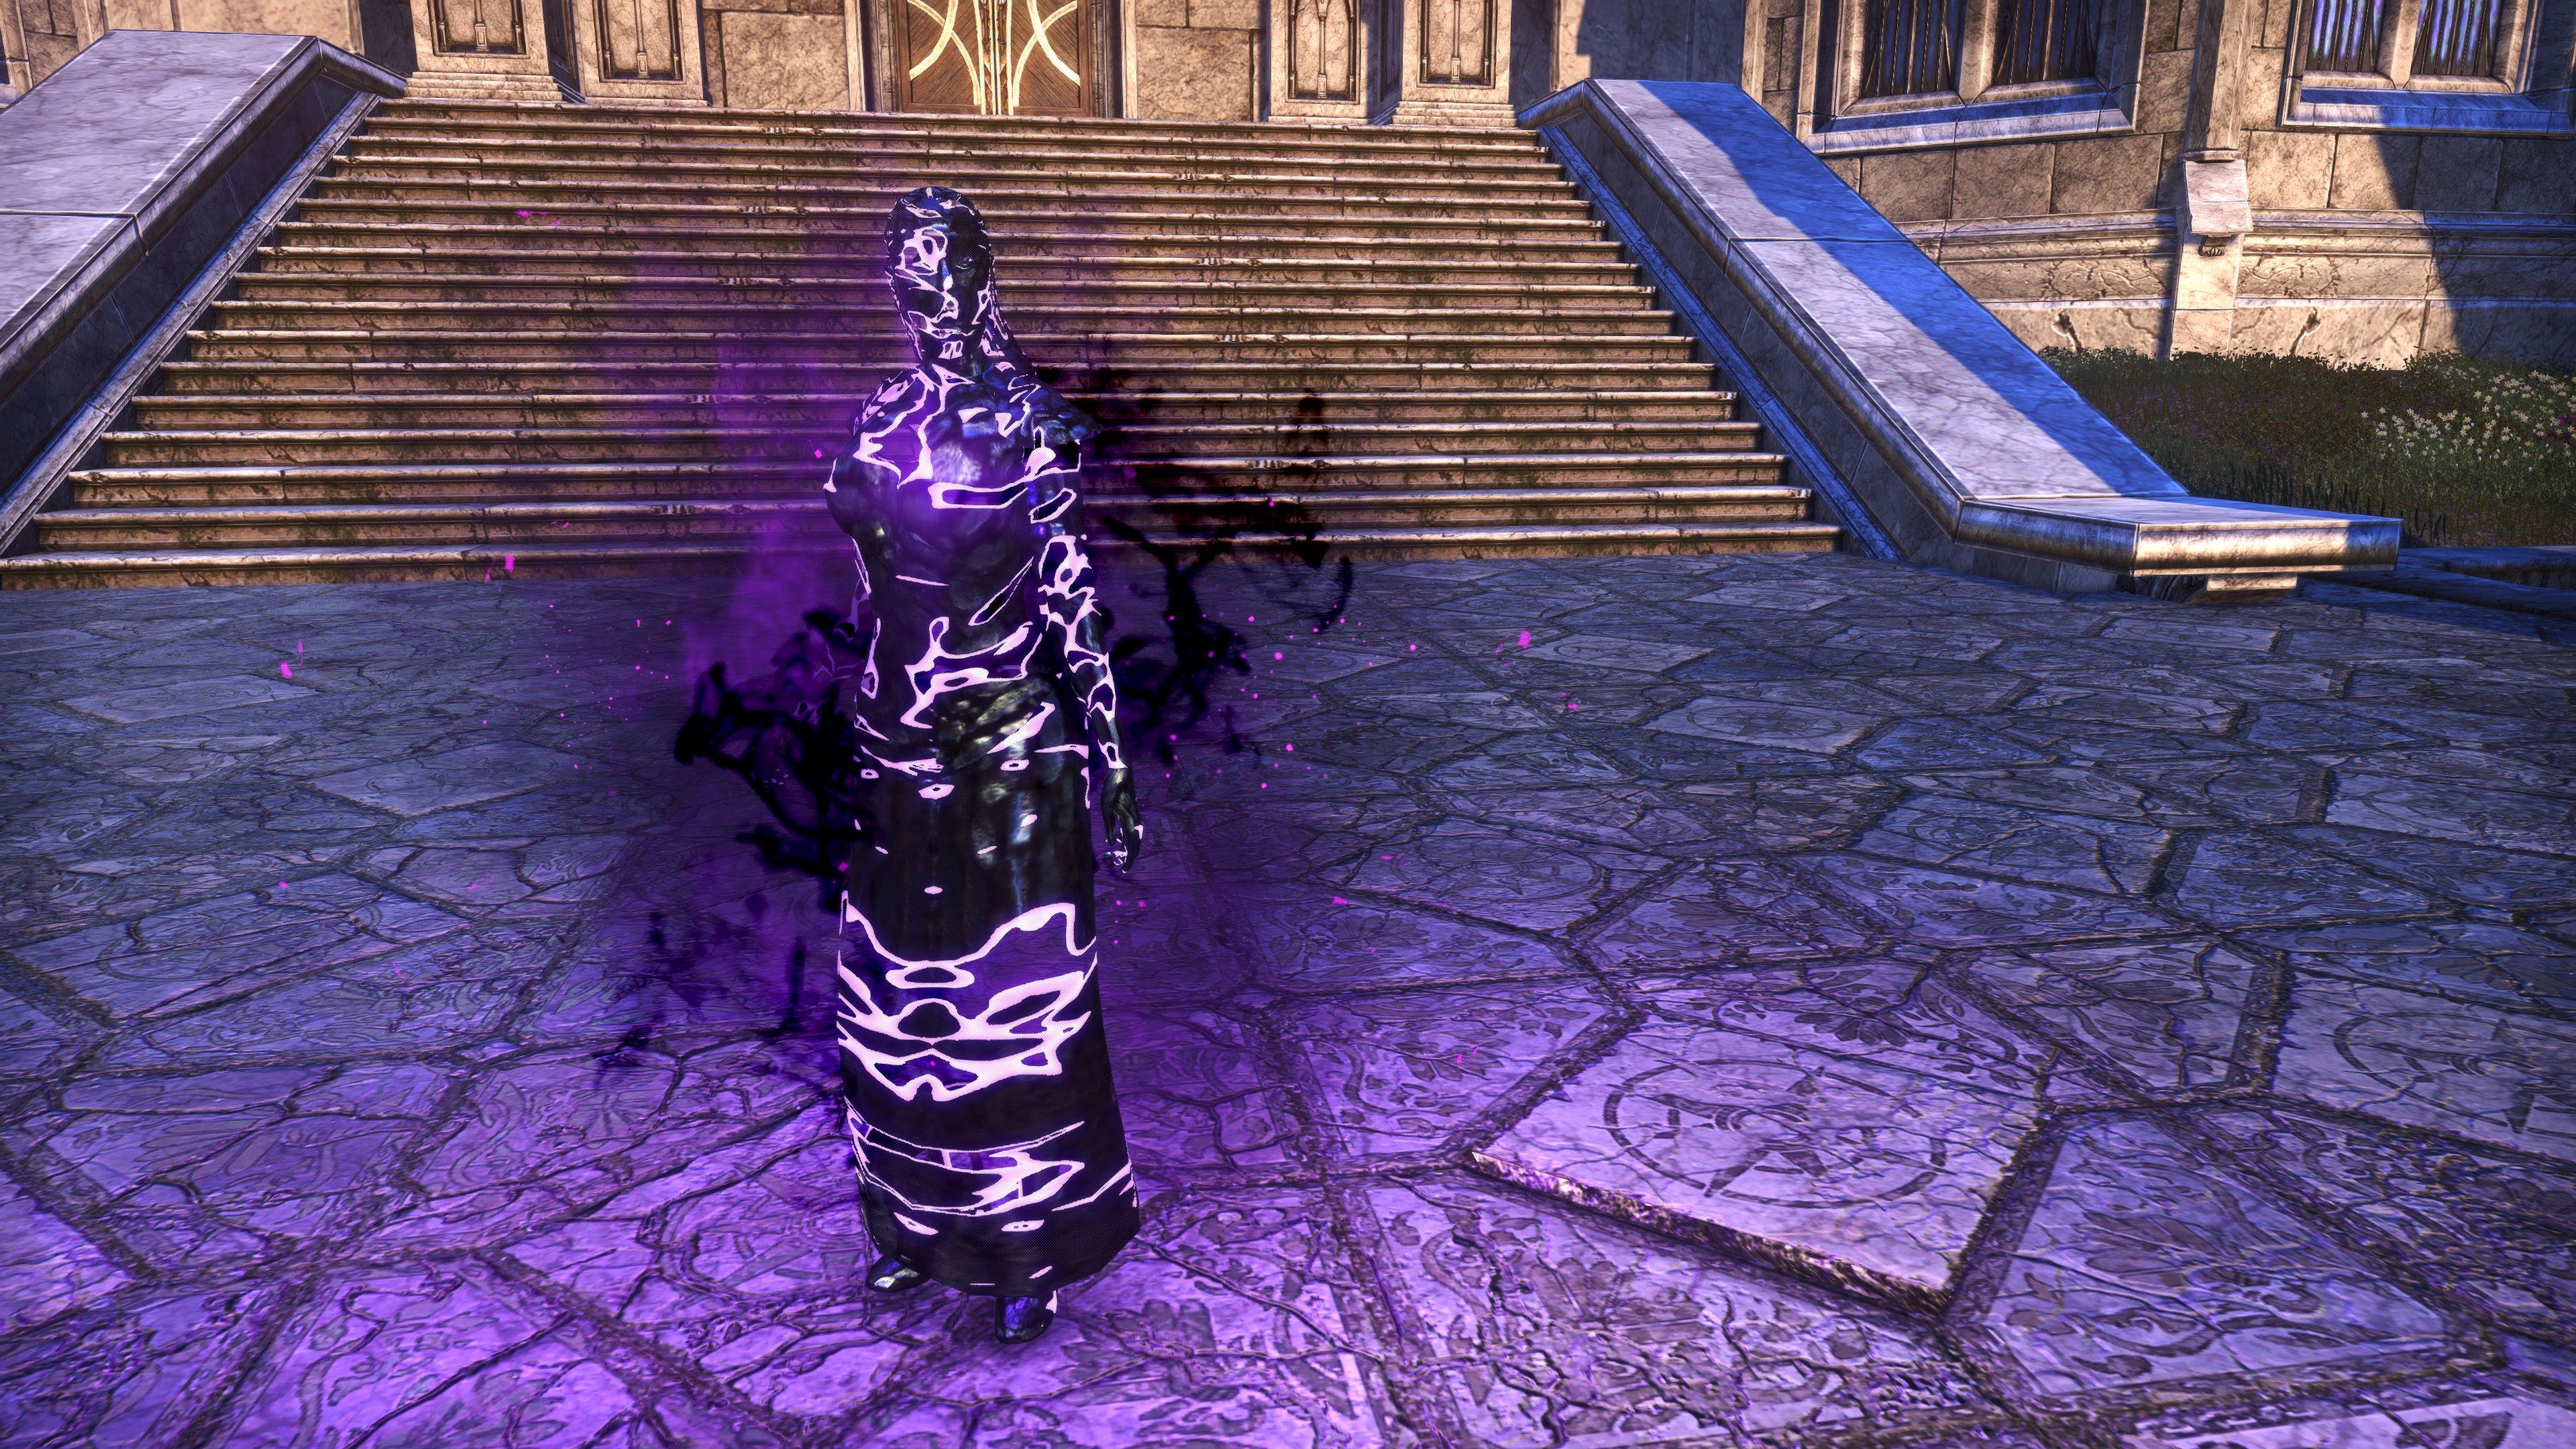 Sapiarchic Discorporation Lens (Memento), Psijic Vault Crate, The Elder Scrolls Online